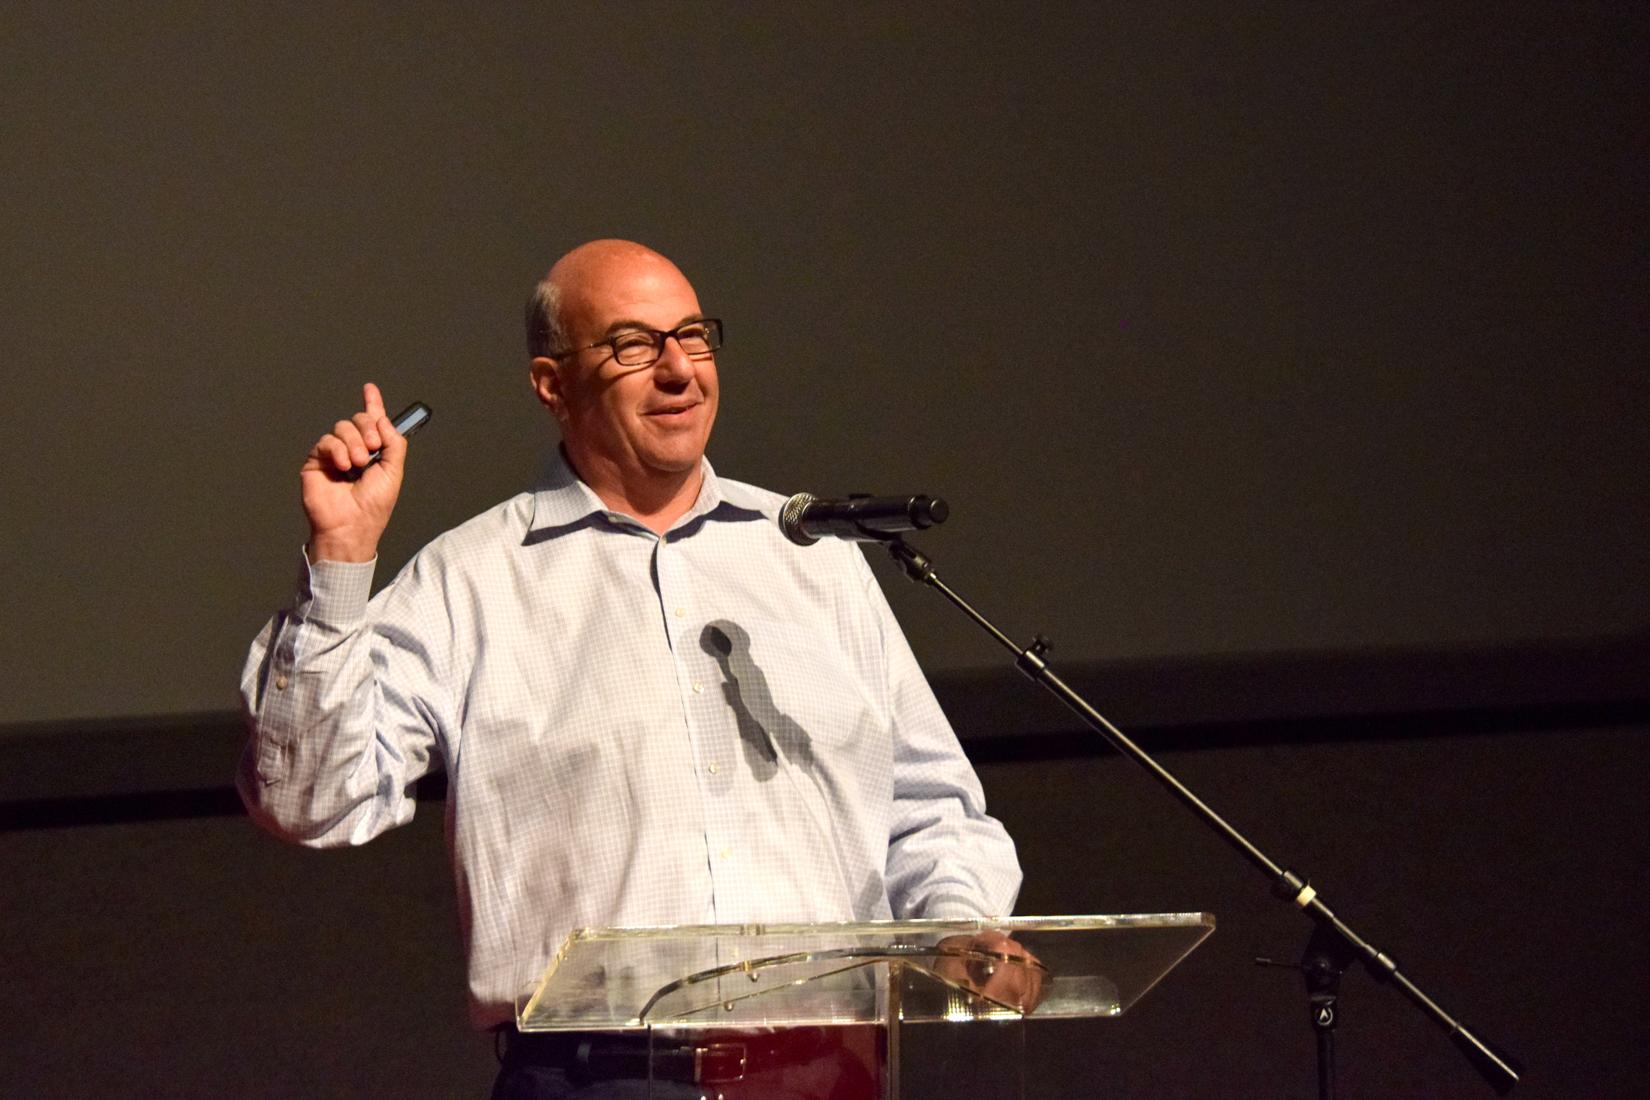 Τζεφ Χόφμαν: Ο μεγάλος προσκεκλημένος του Disrupt Greece μιλά για τη διέξοδο των startups